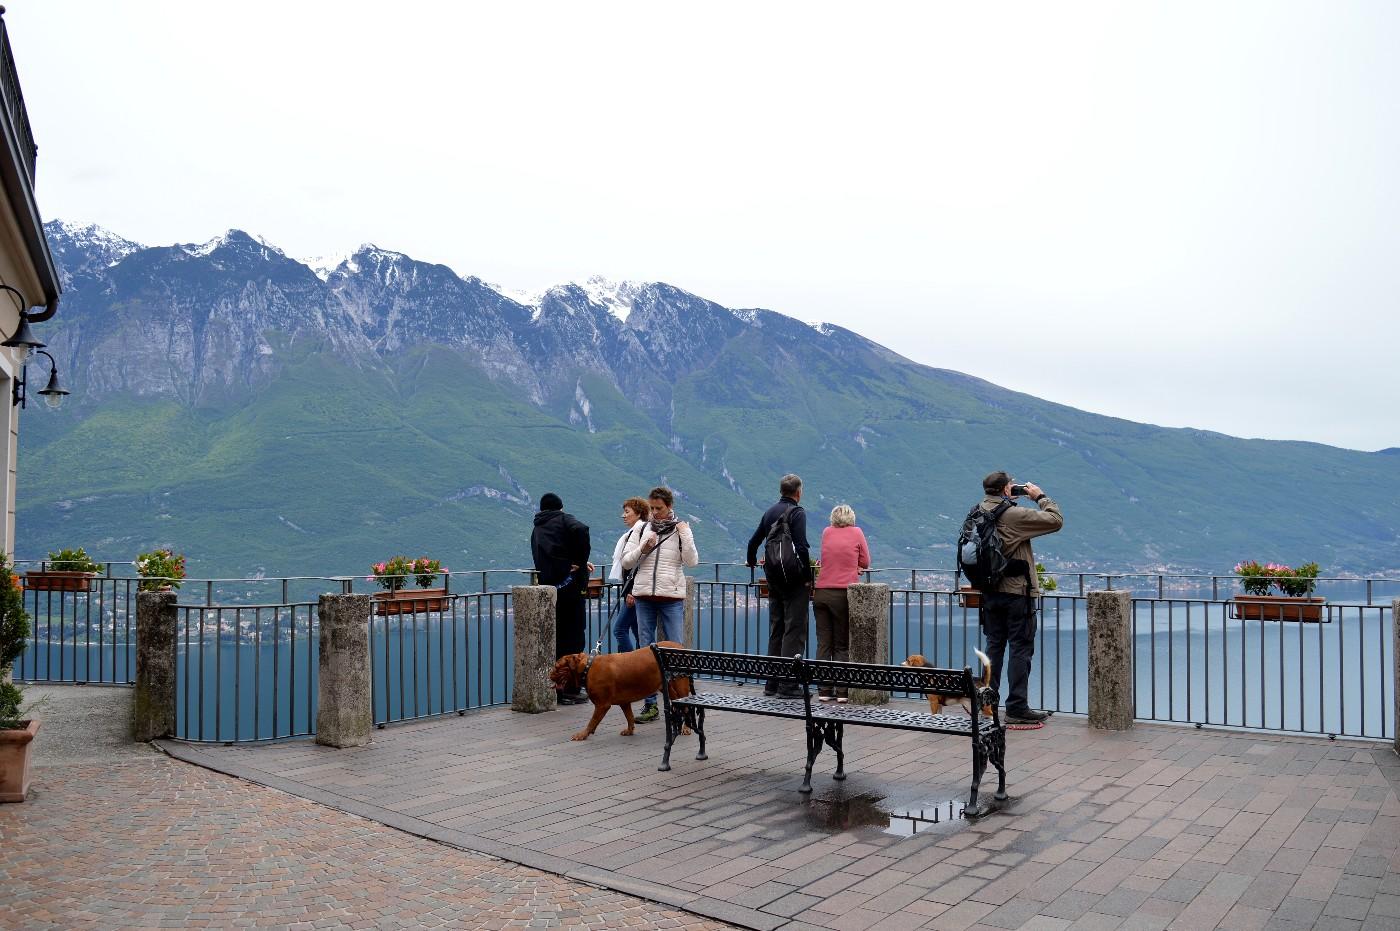 Una visita a Tremosine, borgo sospeso tra cielo e lago